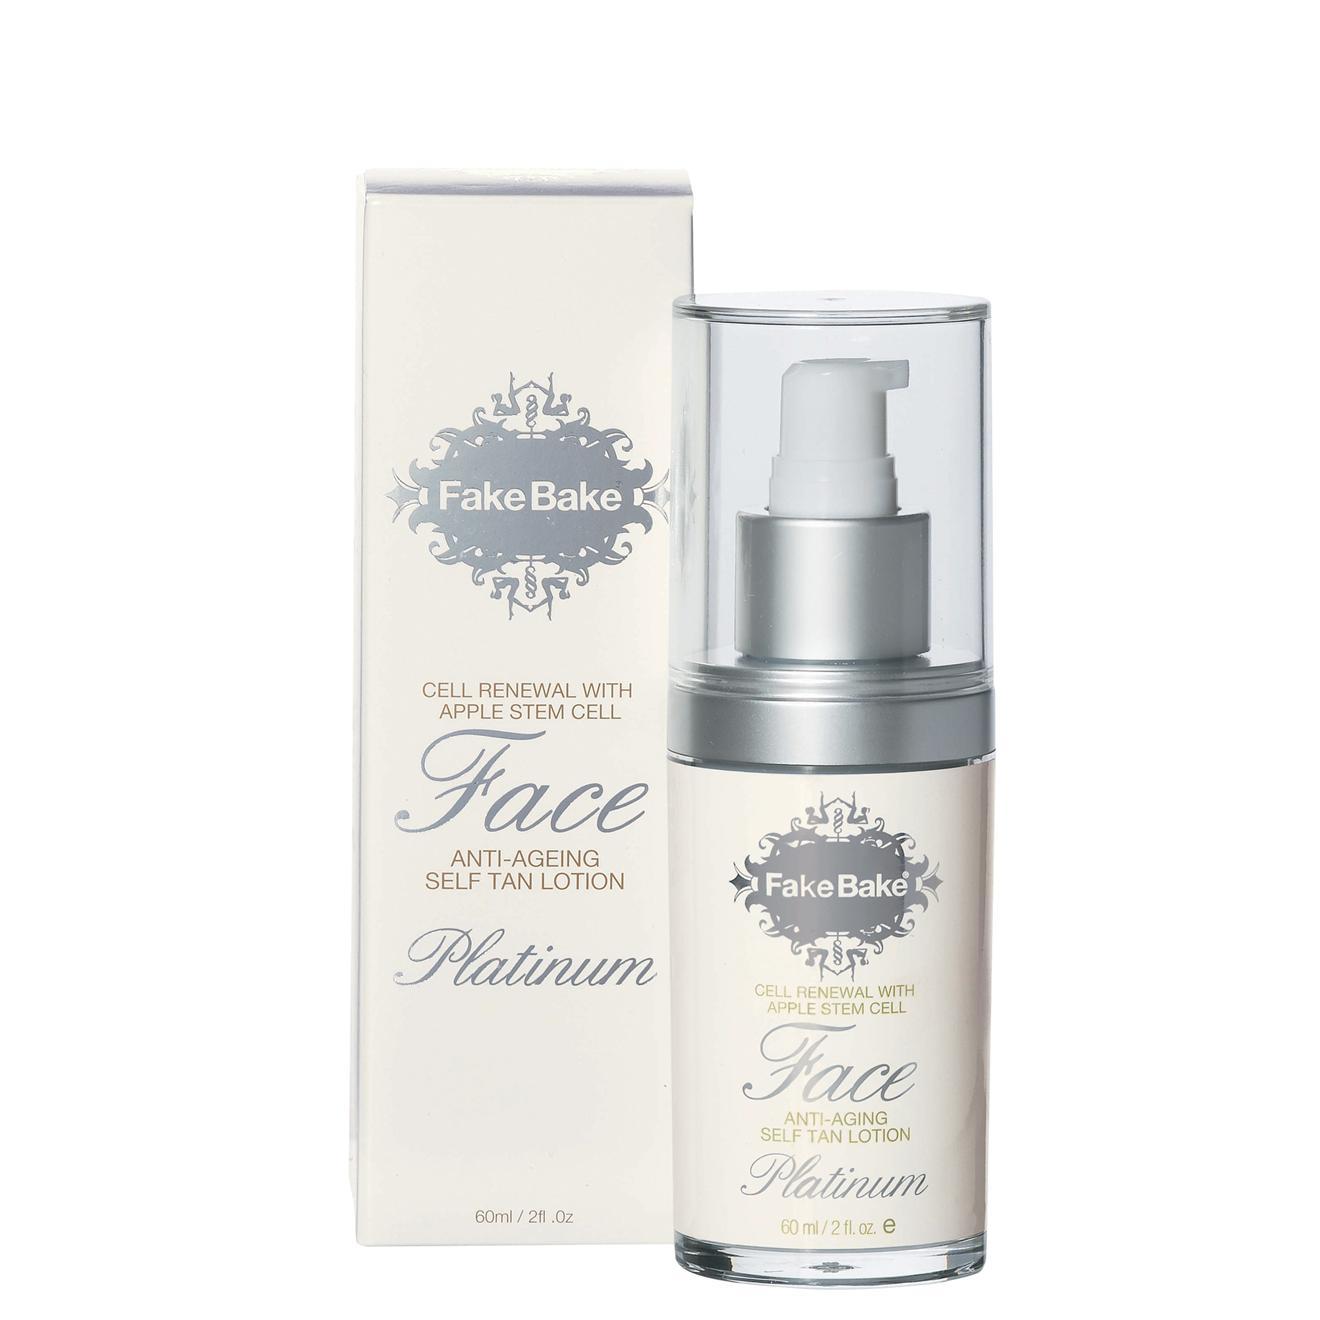 Fake Bake Face Anti-Aging Self-Tan Lotion Platinum  2 oz